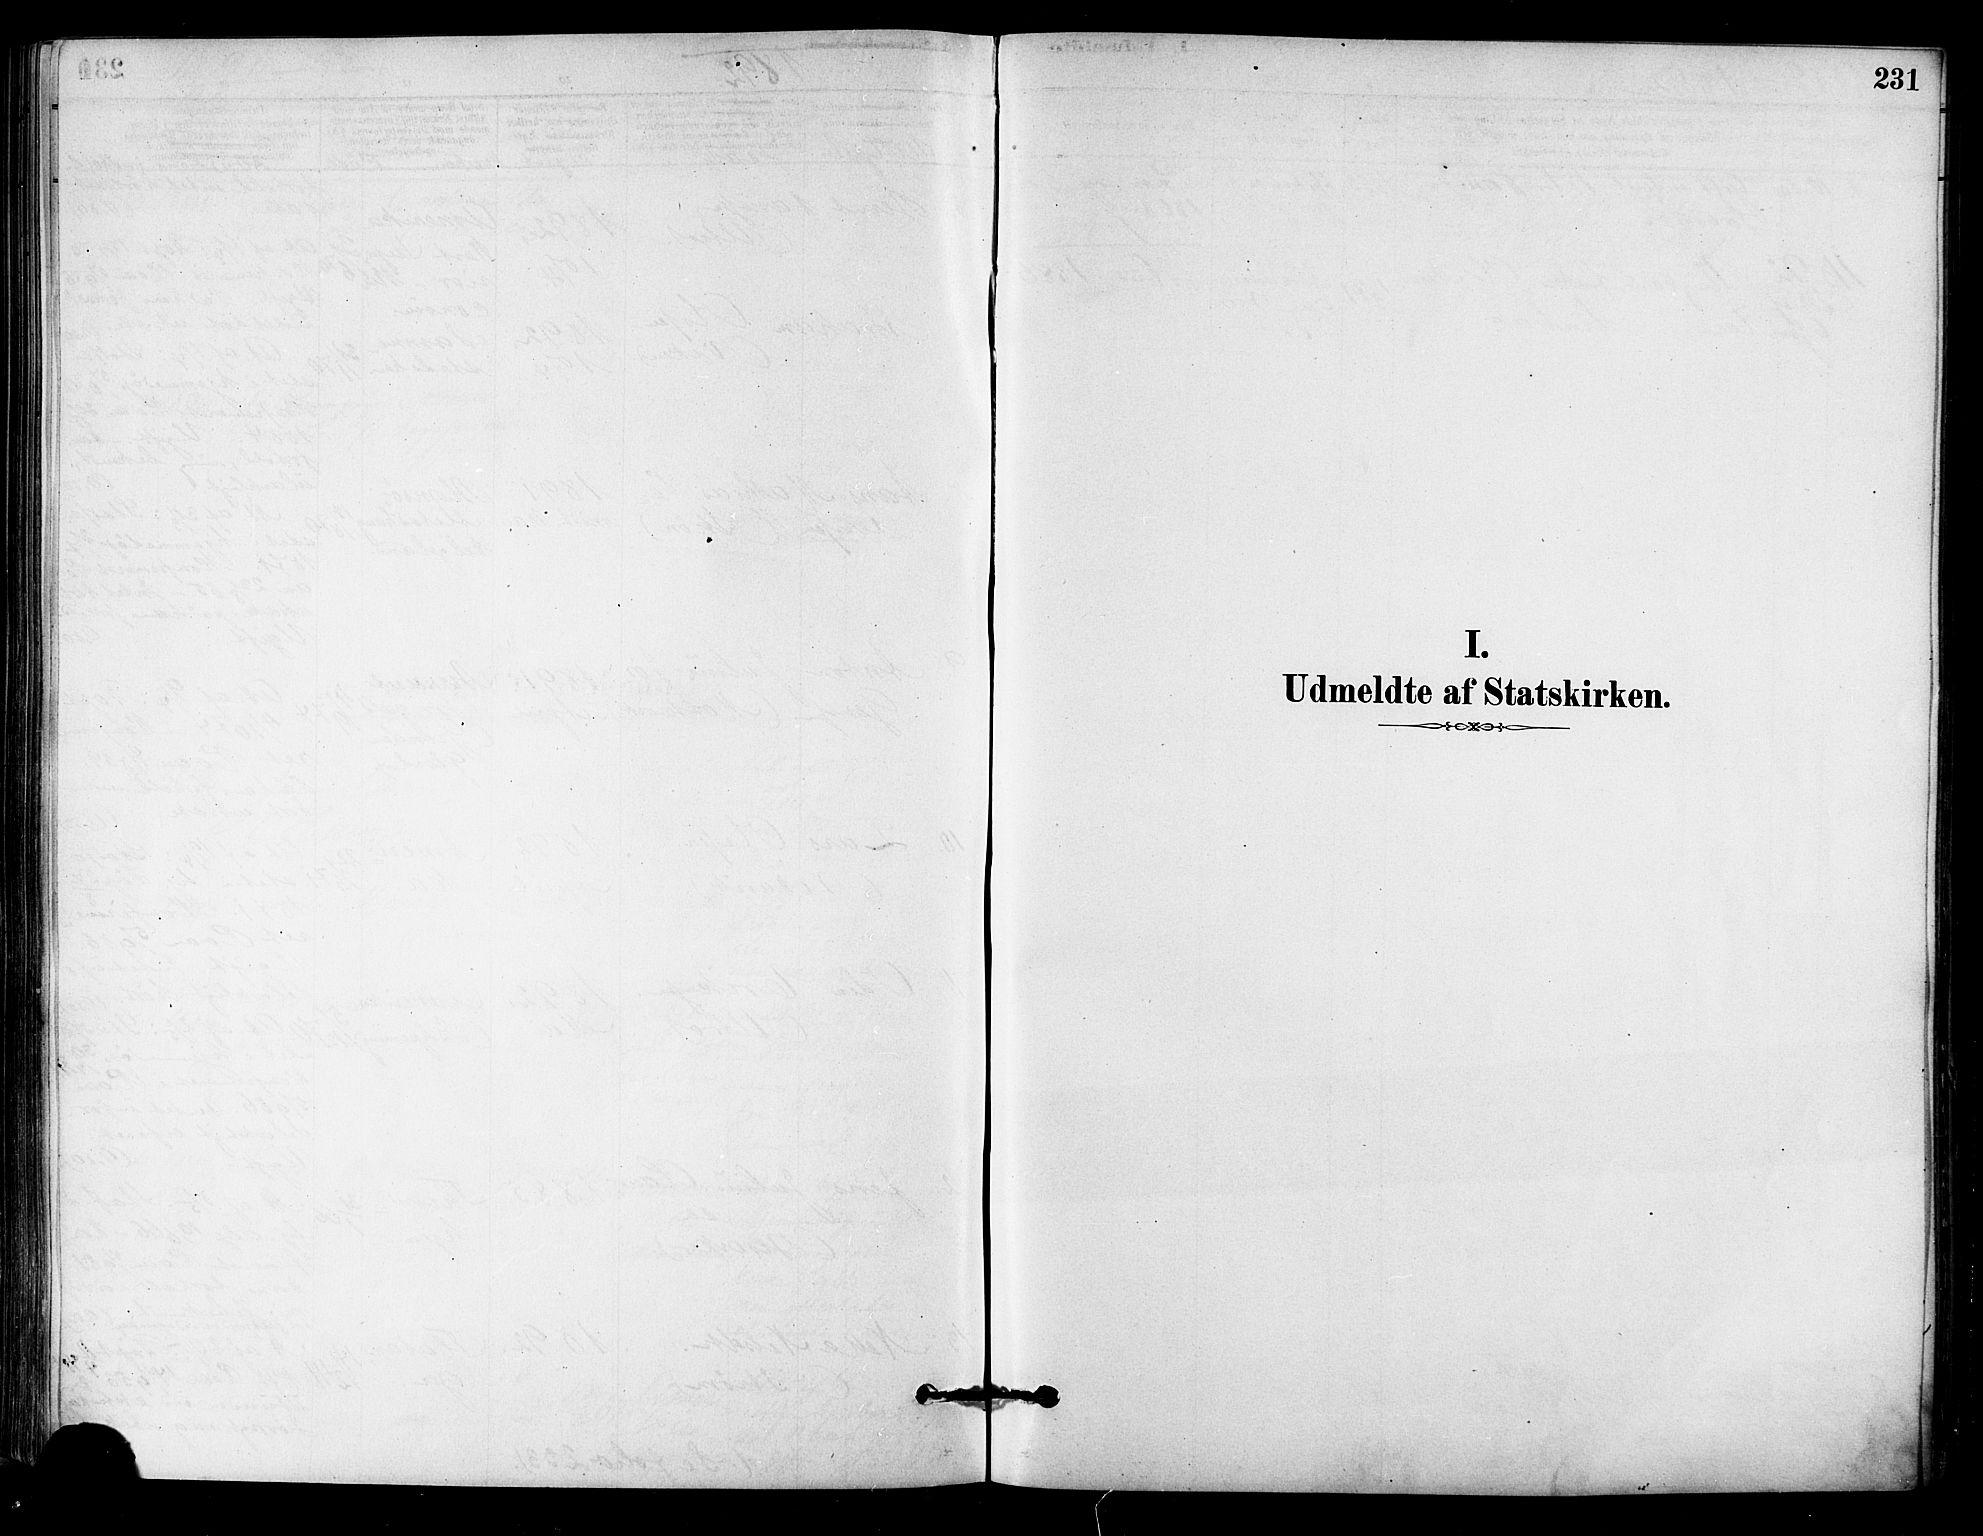 SAT, Ministerialprotokoller, klokkerbøker og fødselsregistre - Sør-Trøndelag, 657/L0707: Ministerialbok nr. 657A08, 1879-1893, s. 231